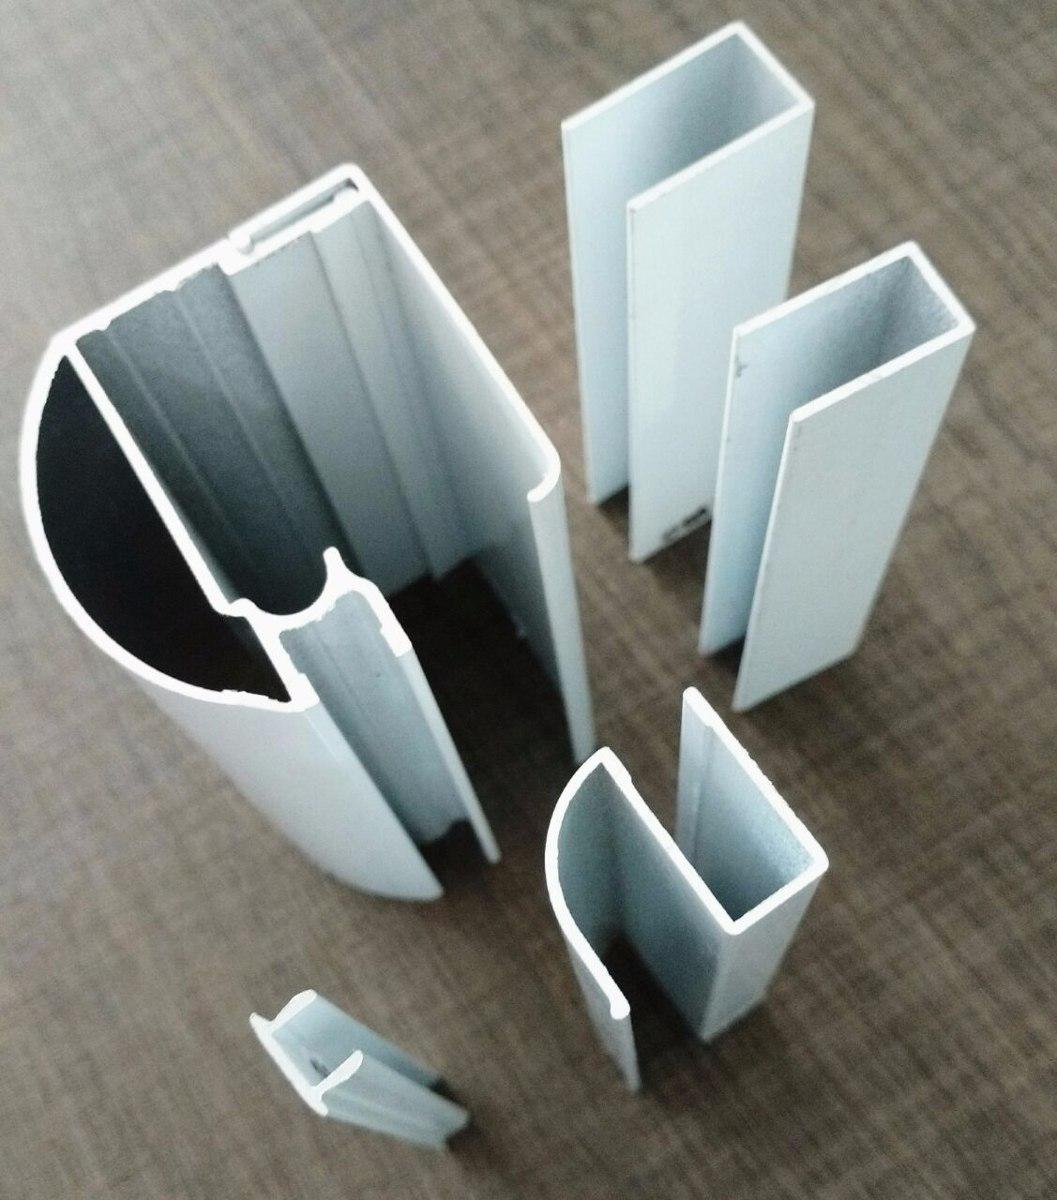 Imagens de #576F74 Kit Box Banheiro Vidro Temperado Frontal 1 20m R$ 114 00 em Mercado  1057x1200 px 2534 Box Banheiro Vidro Temperado